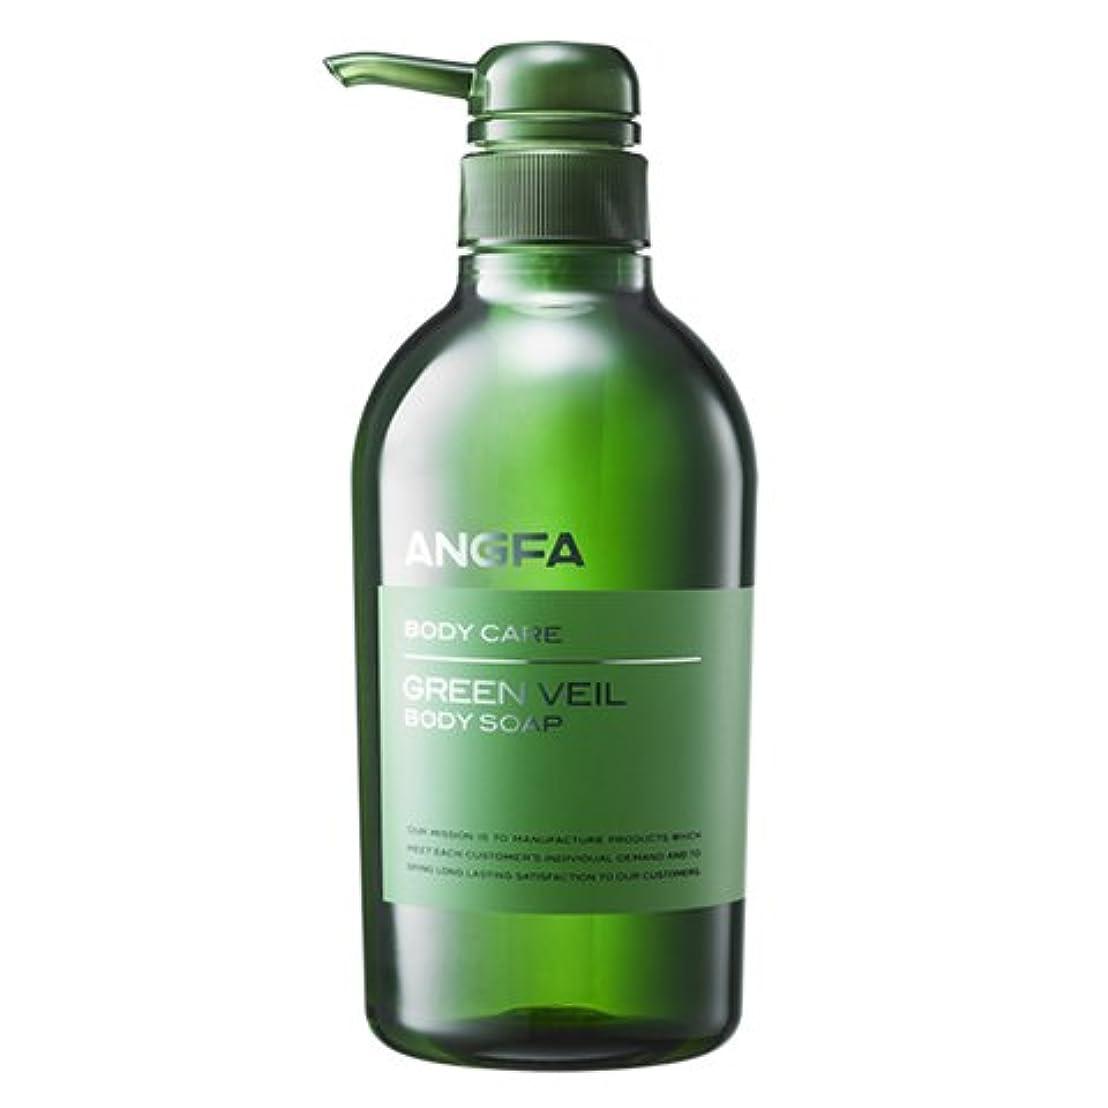 確かな情熱佐賀アンファー (ANGFA) グリーンベール 薬用ボディソープ 500ml グリーンフローラル [乾燥?保湿] かゆみ肌